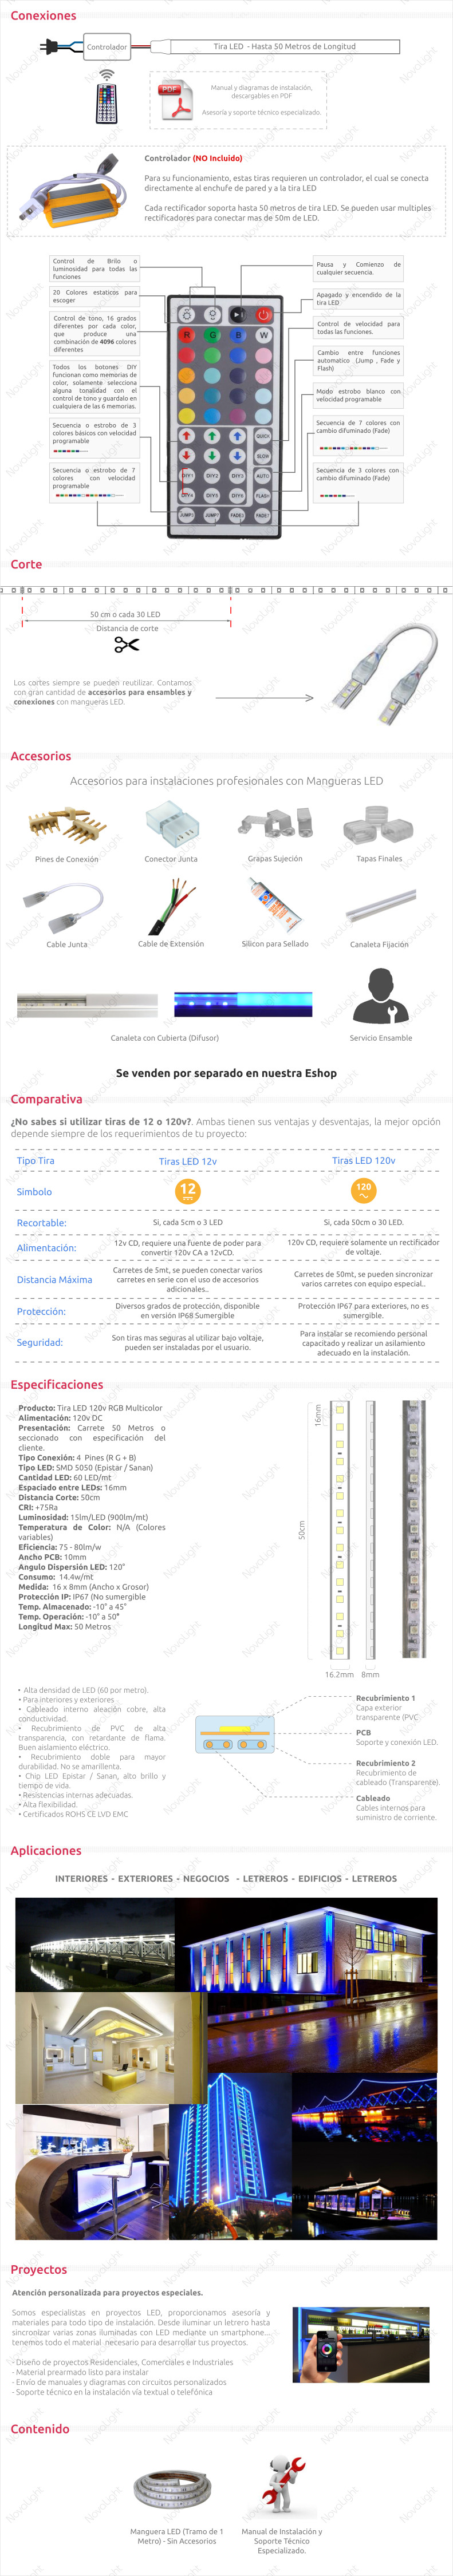 Manguera con 60 LED /mt 5050 RGB Multicolor – Con Recubrimiento IP66 120v (Hasta 50mt)